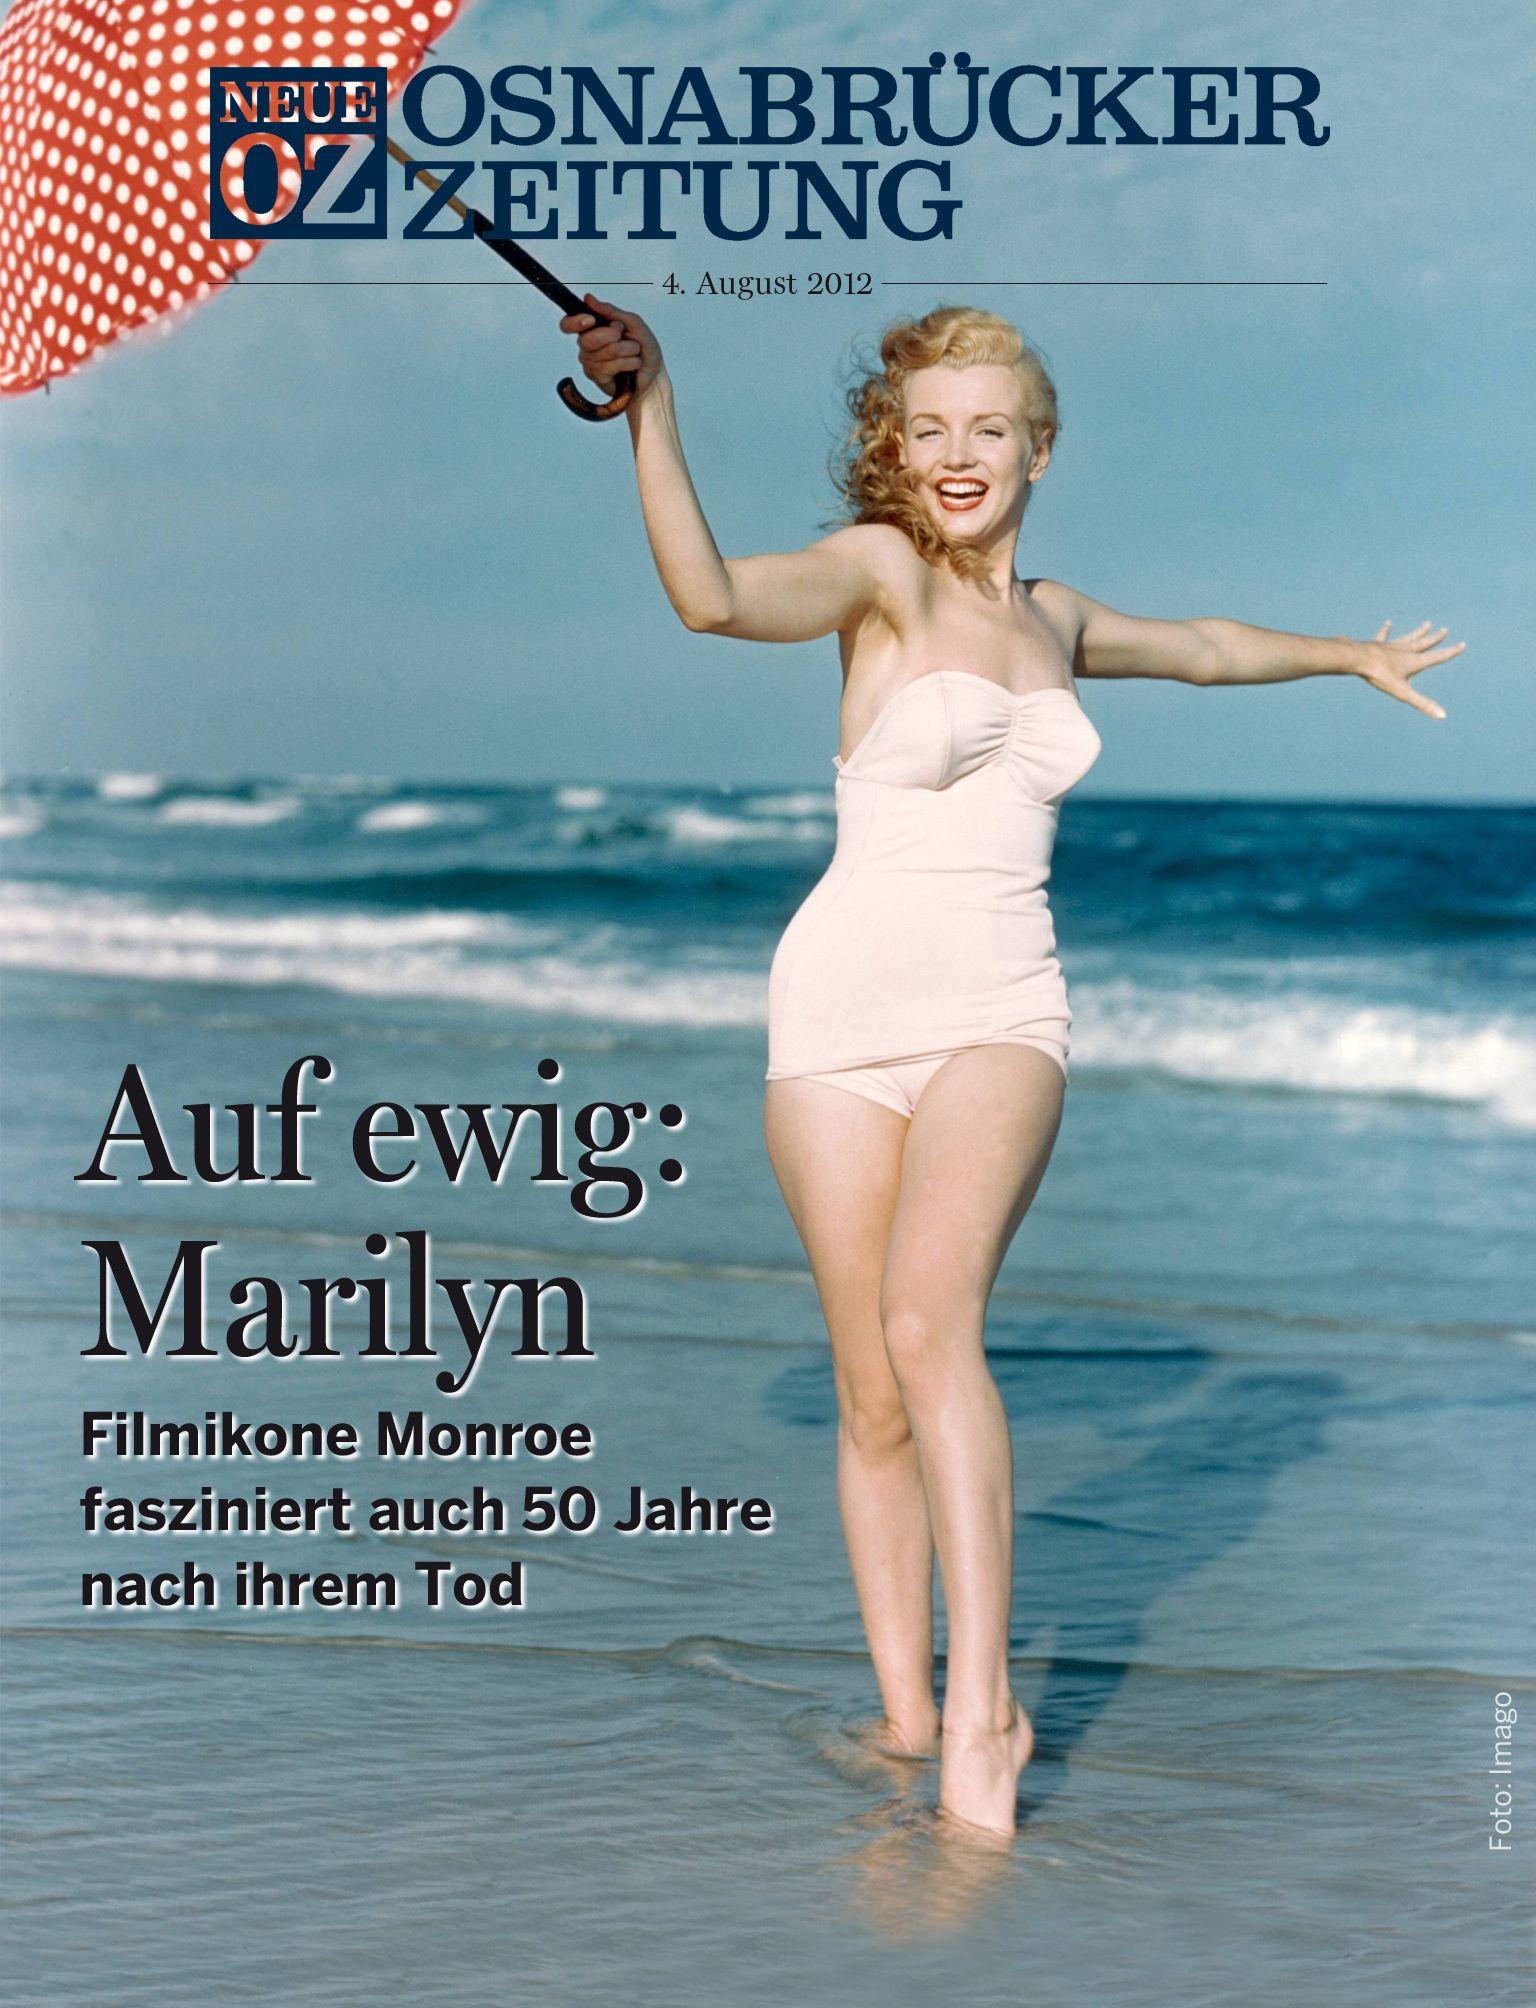 Unser Titelthema für die App am Samstag, 4. August, beschäftigt sich mit dem 50. Todestag von Marilyn Monroe.